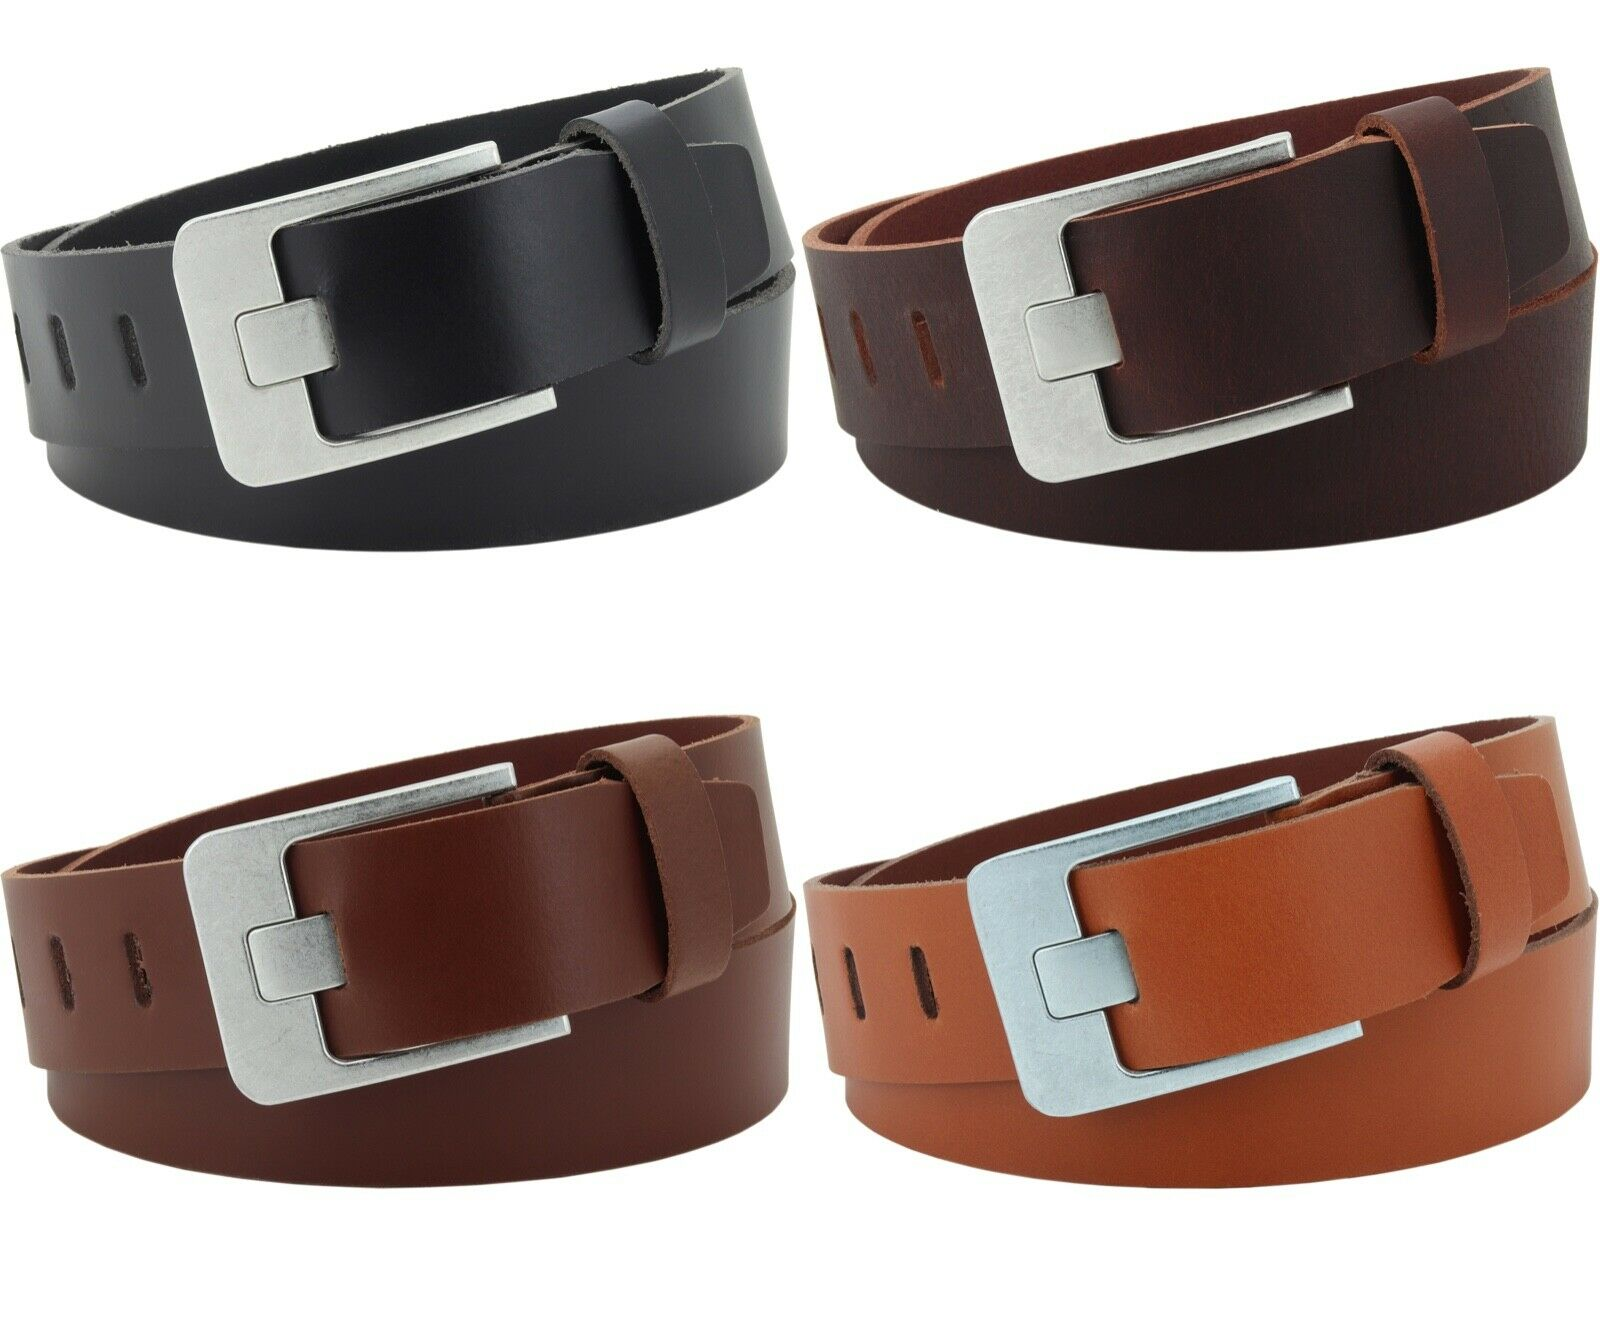 Ledergürtel Herren Damen 3,5 cm echt Leder Gürtel Hosen Belt Jeans Vascavi Nr.17